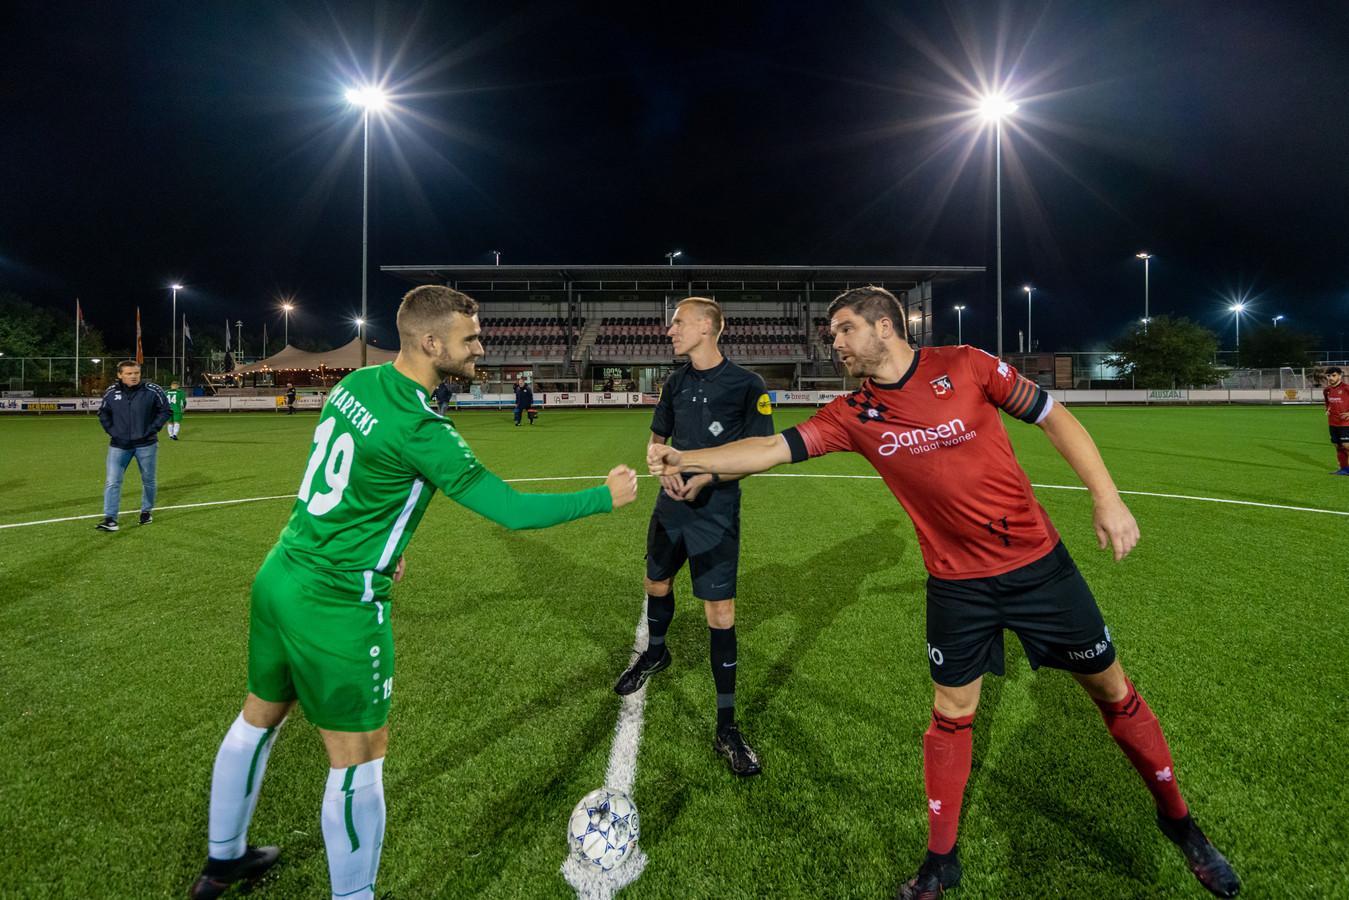 MASV trapt het verbrokkelde voetbalseizoen 2020-21 af als eersteklasser in Bemmel, na weken uitstel op een donderdagavond. Links aanvoerder Wesley Martens, rechts die van SC Bemmel: Ricky Houterman. Op de achtergrond: lege tribunes.